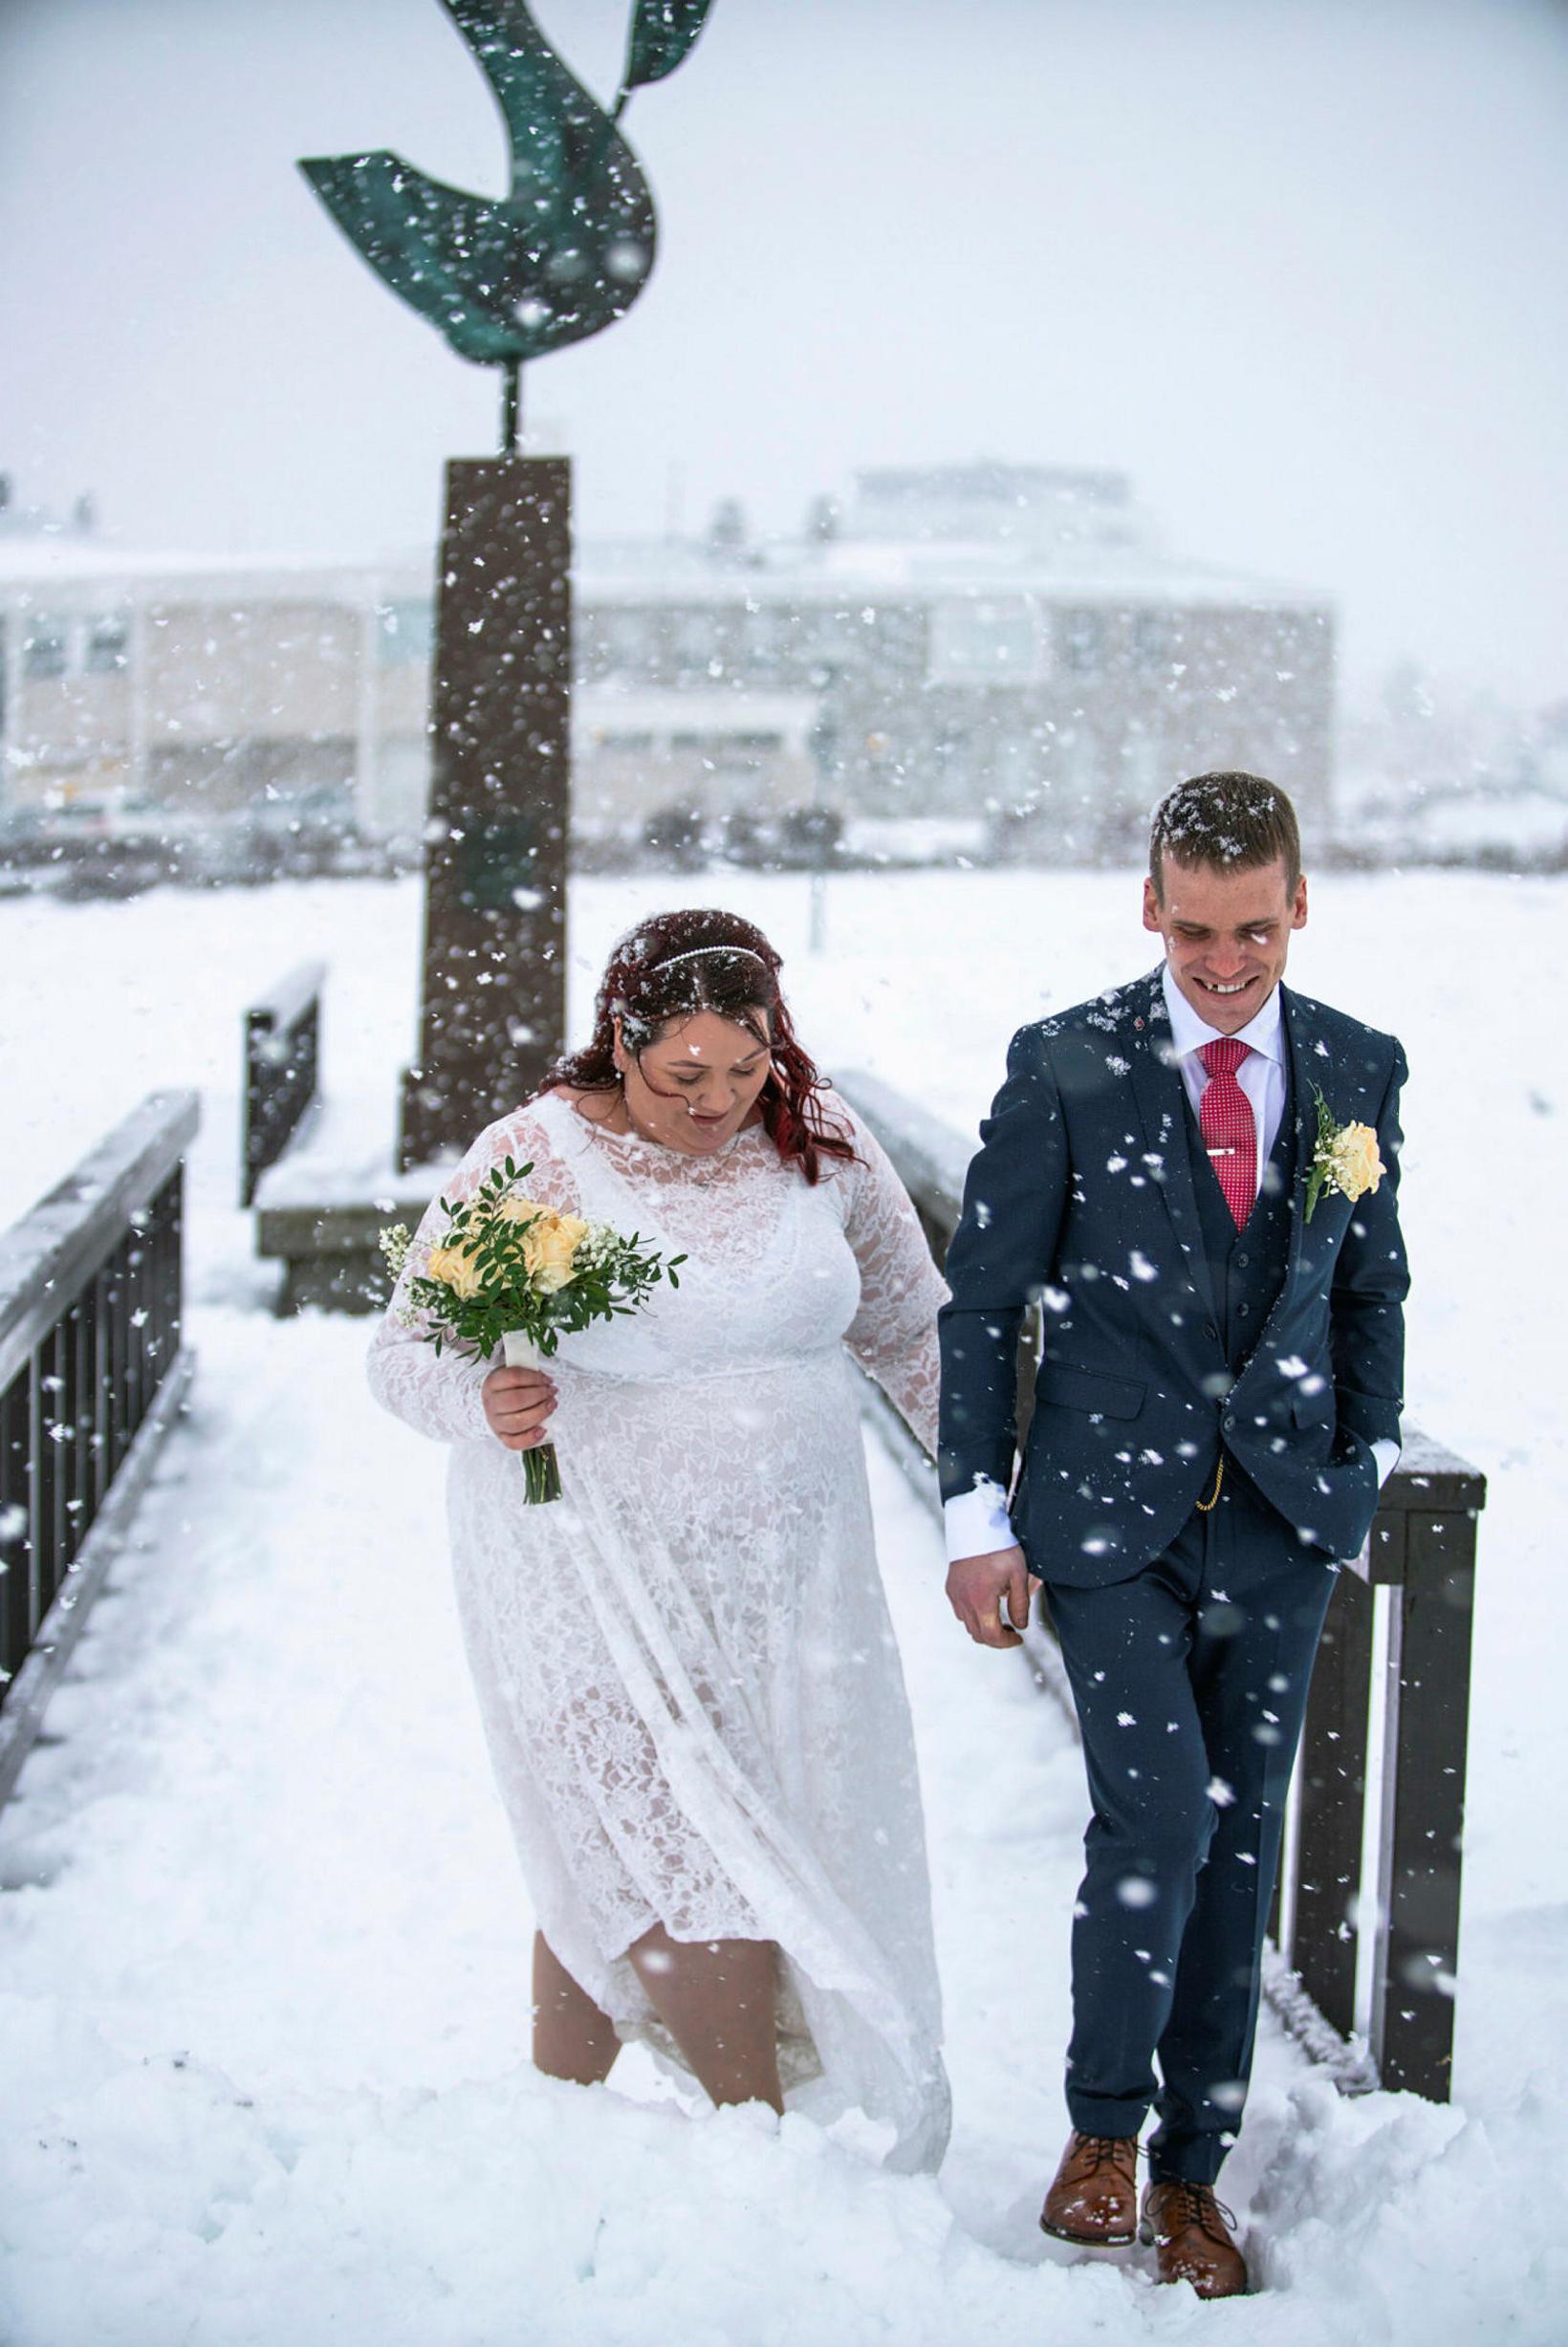 Mikill snjór var þegar þau Sædís og Árni giftu sig.